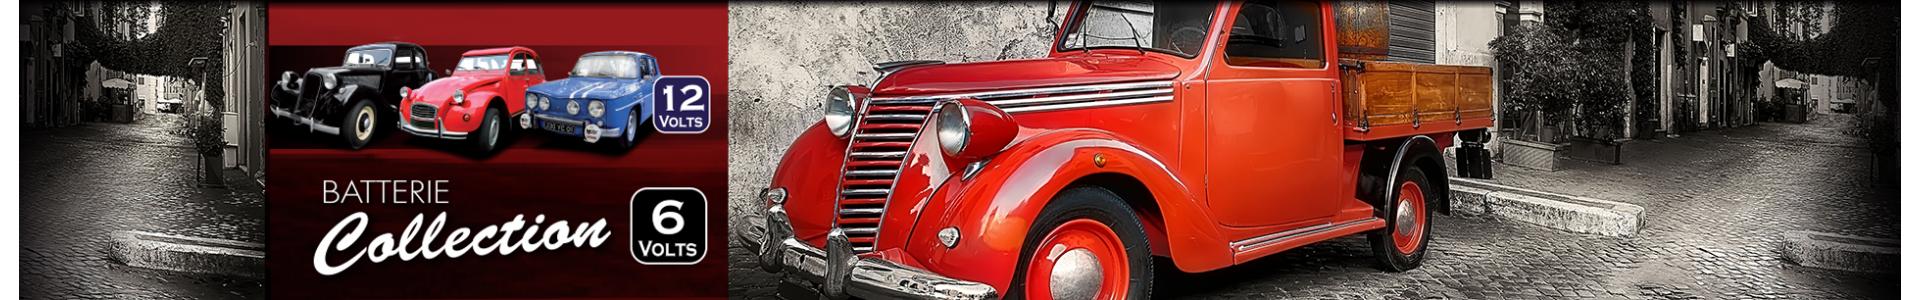 Batterie pour voiture de collection et ancien, 6 volts et 12 volts, Batteries Sélection